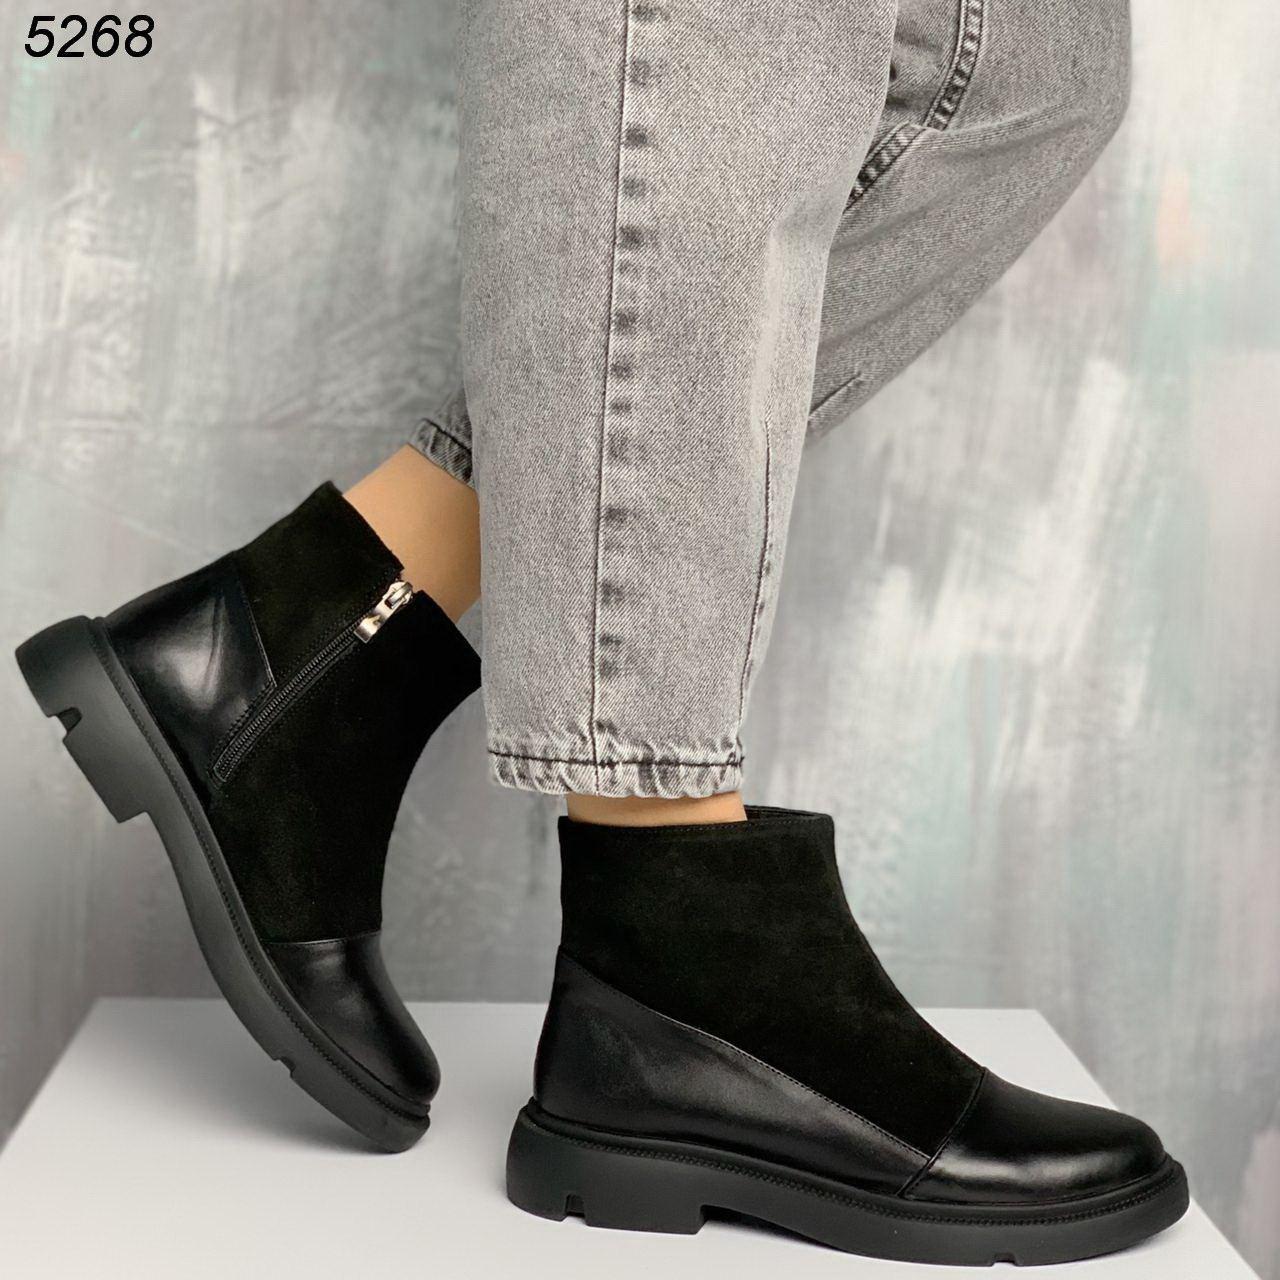 Женские демисезонные ботинки на низком ходу из натуральной кожи с замшевыми вставками BO5268